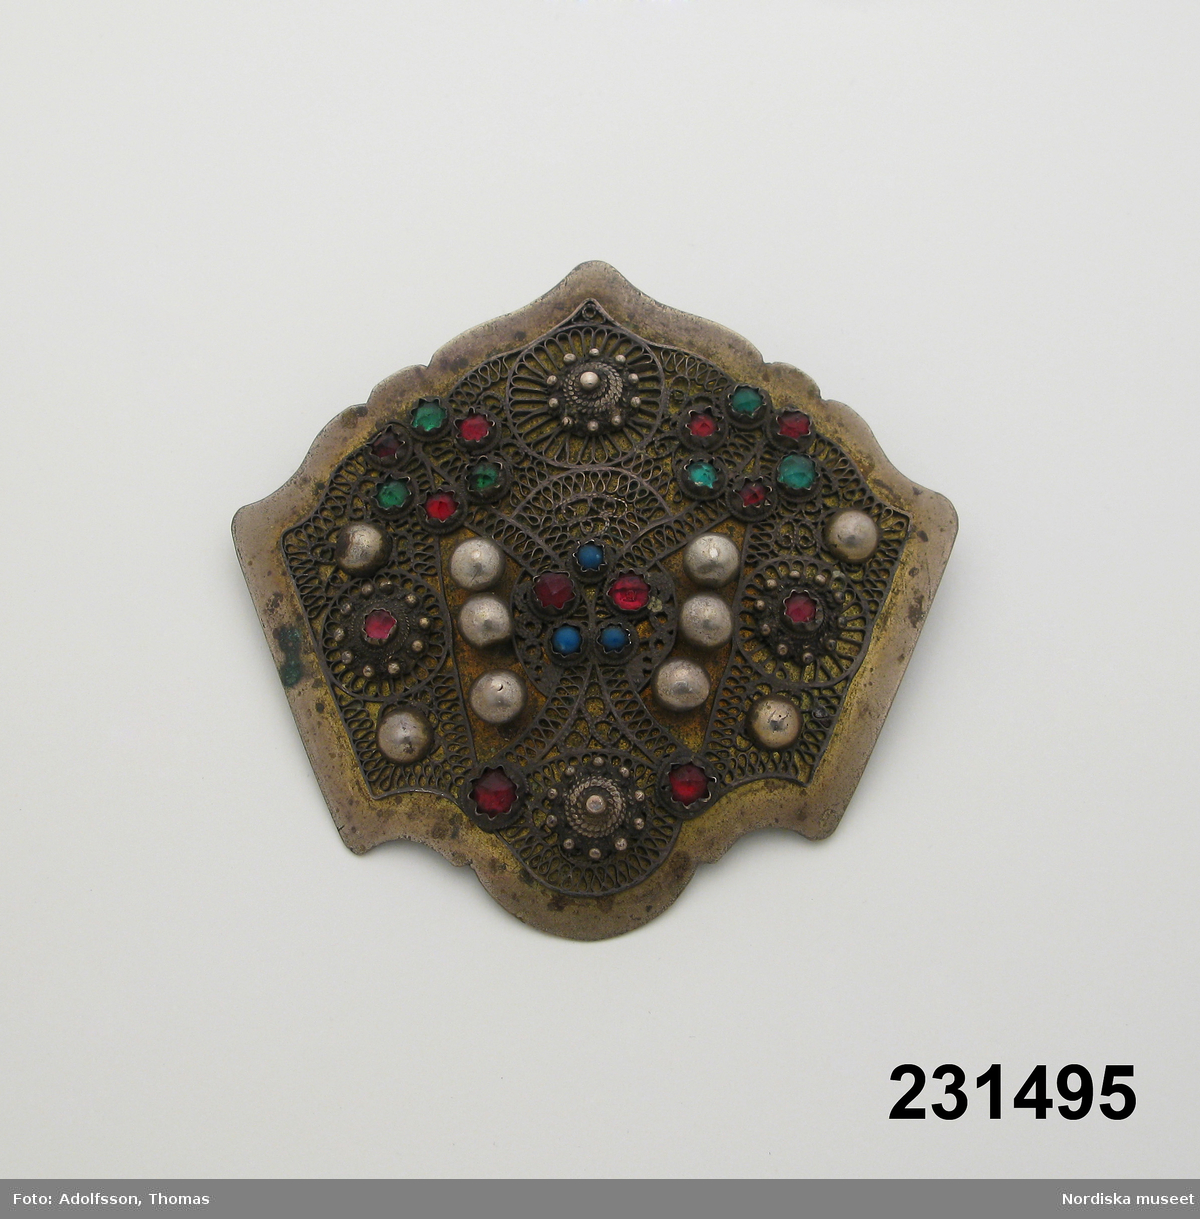 """Huvudlggaren: """"Smycke, brosch av vit svartnad metall, sköldformigt utformad, filigranliknande beläggning samt infattade blå, gröna och röda stenar, nitliknande prydnader. Enl. testamente."""""""